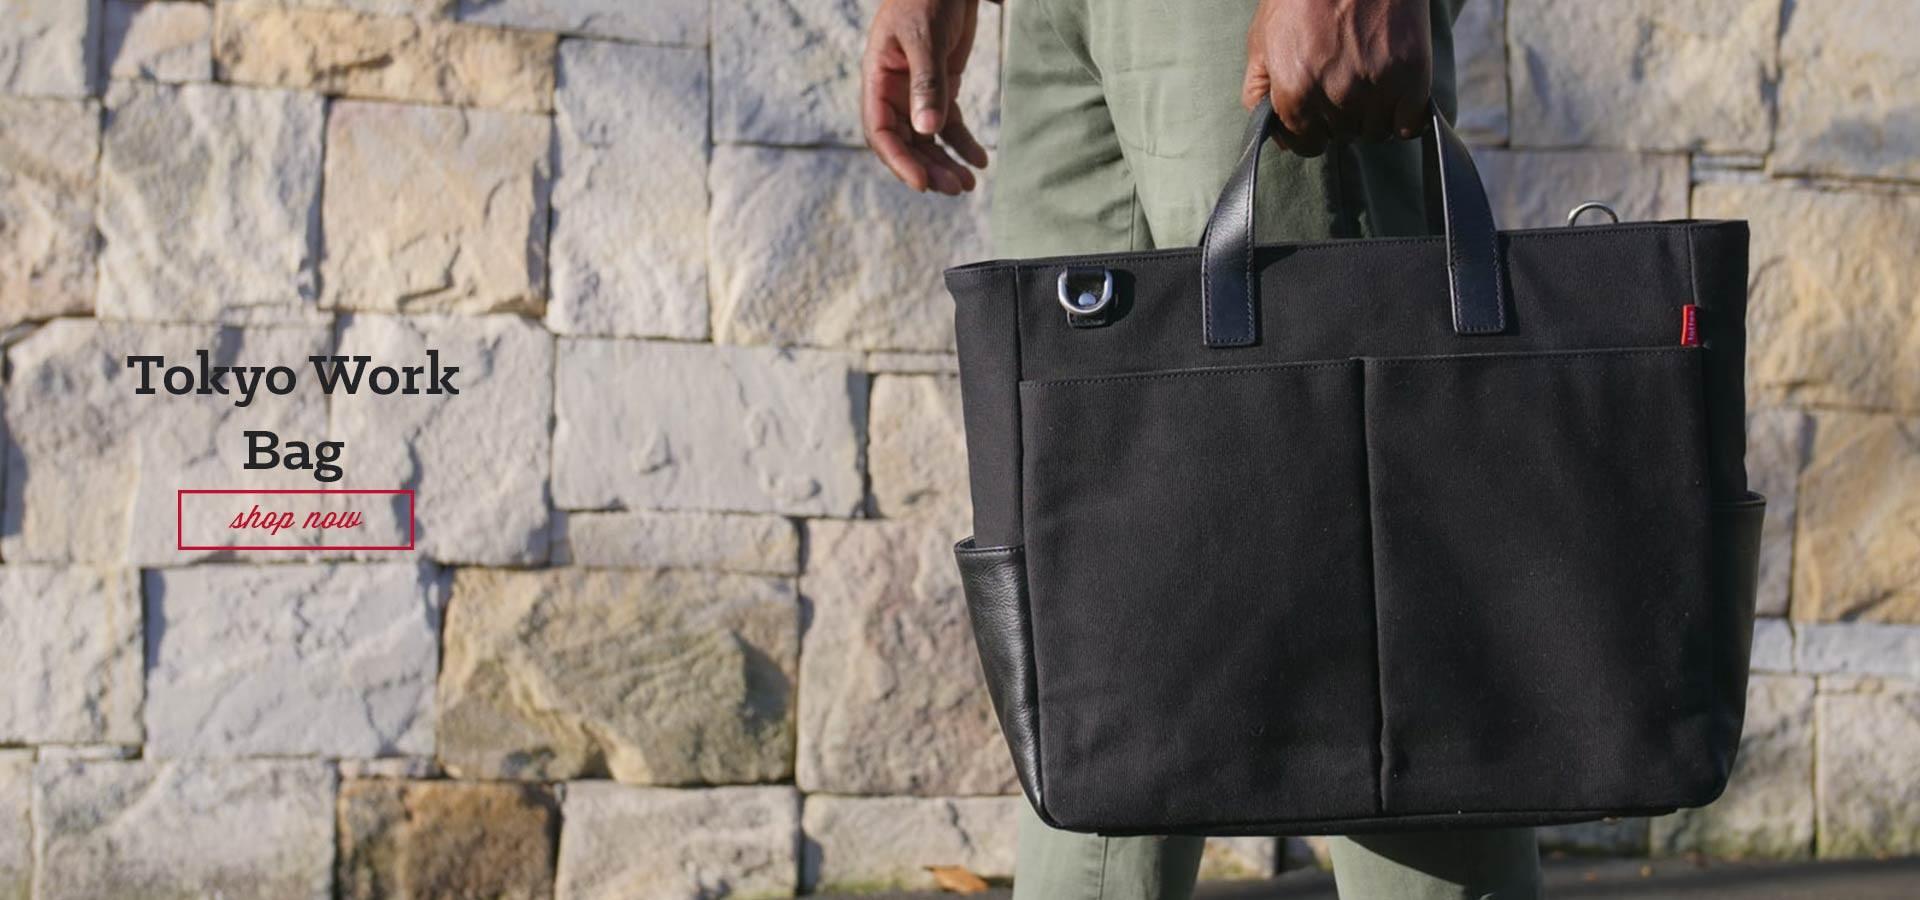 Tokyo Work Bag in Black